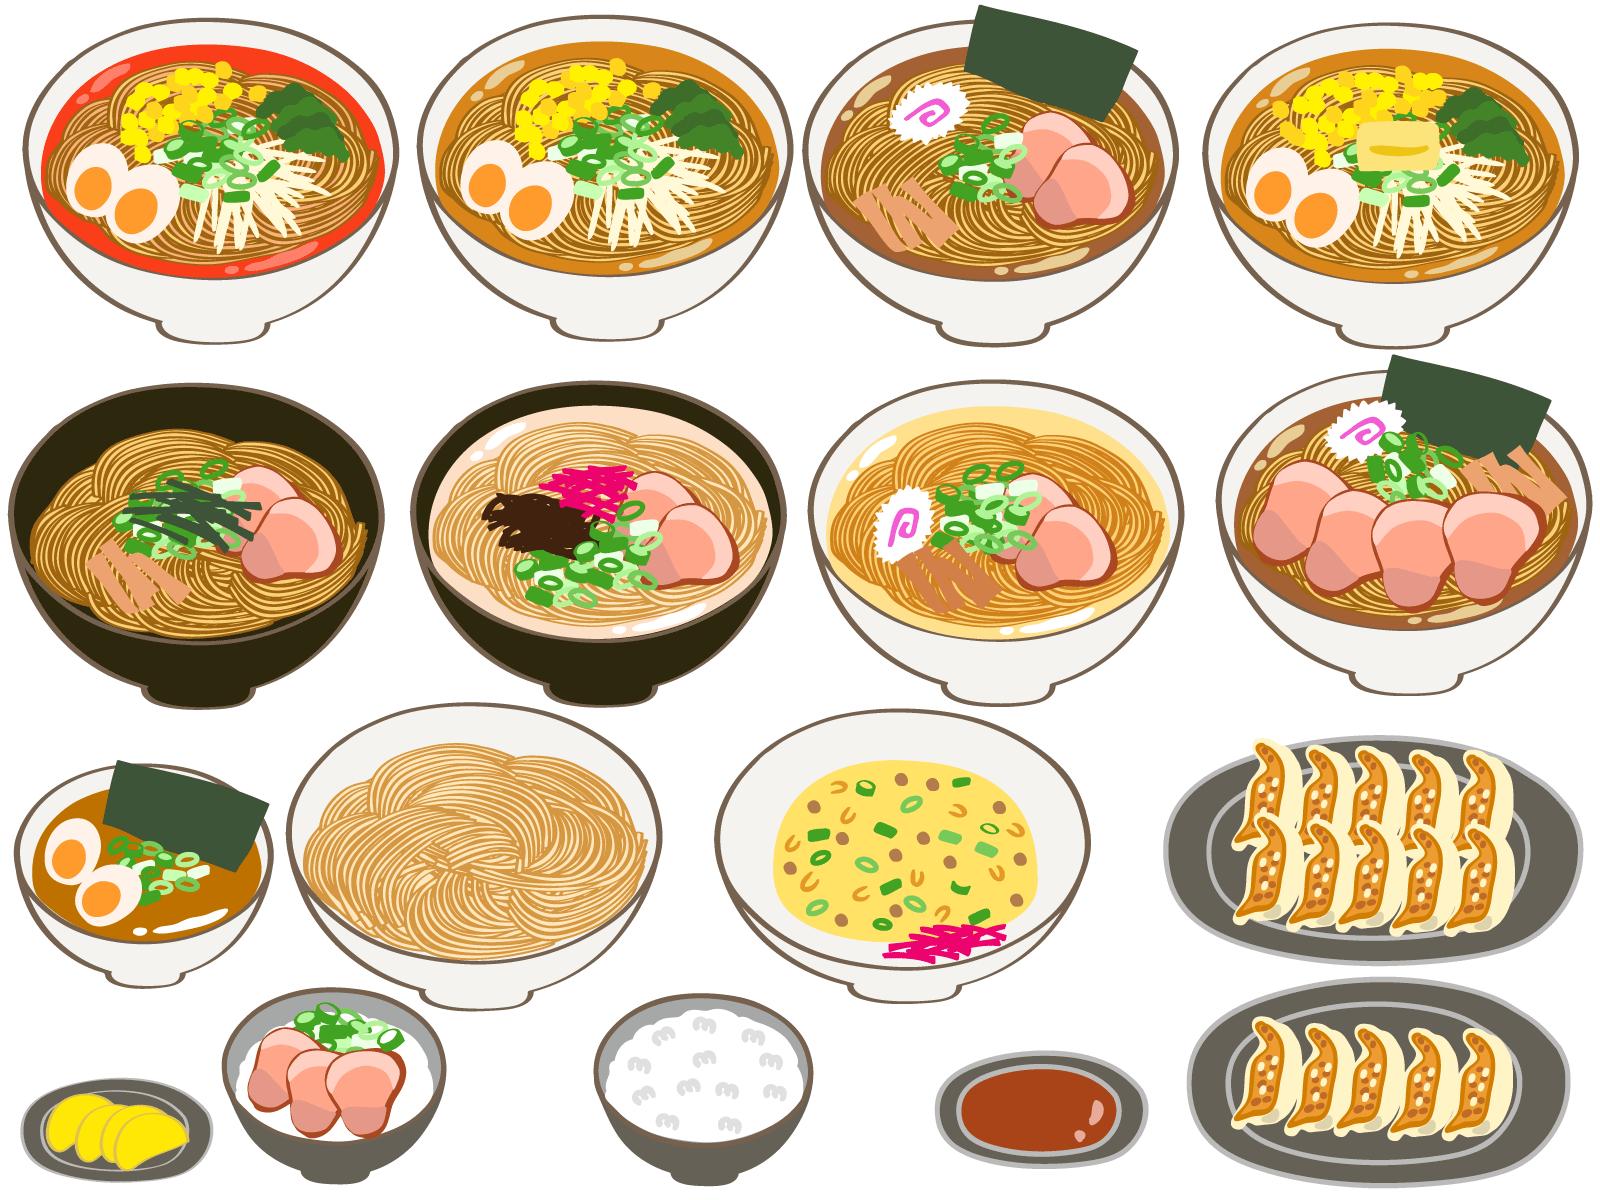 岡山駅周辺のラーメン店12選!豚骨・鶏ガラ・煮干し・・・でもまだまだ美味しいラーメン店は沢山ある!